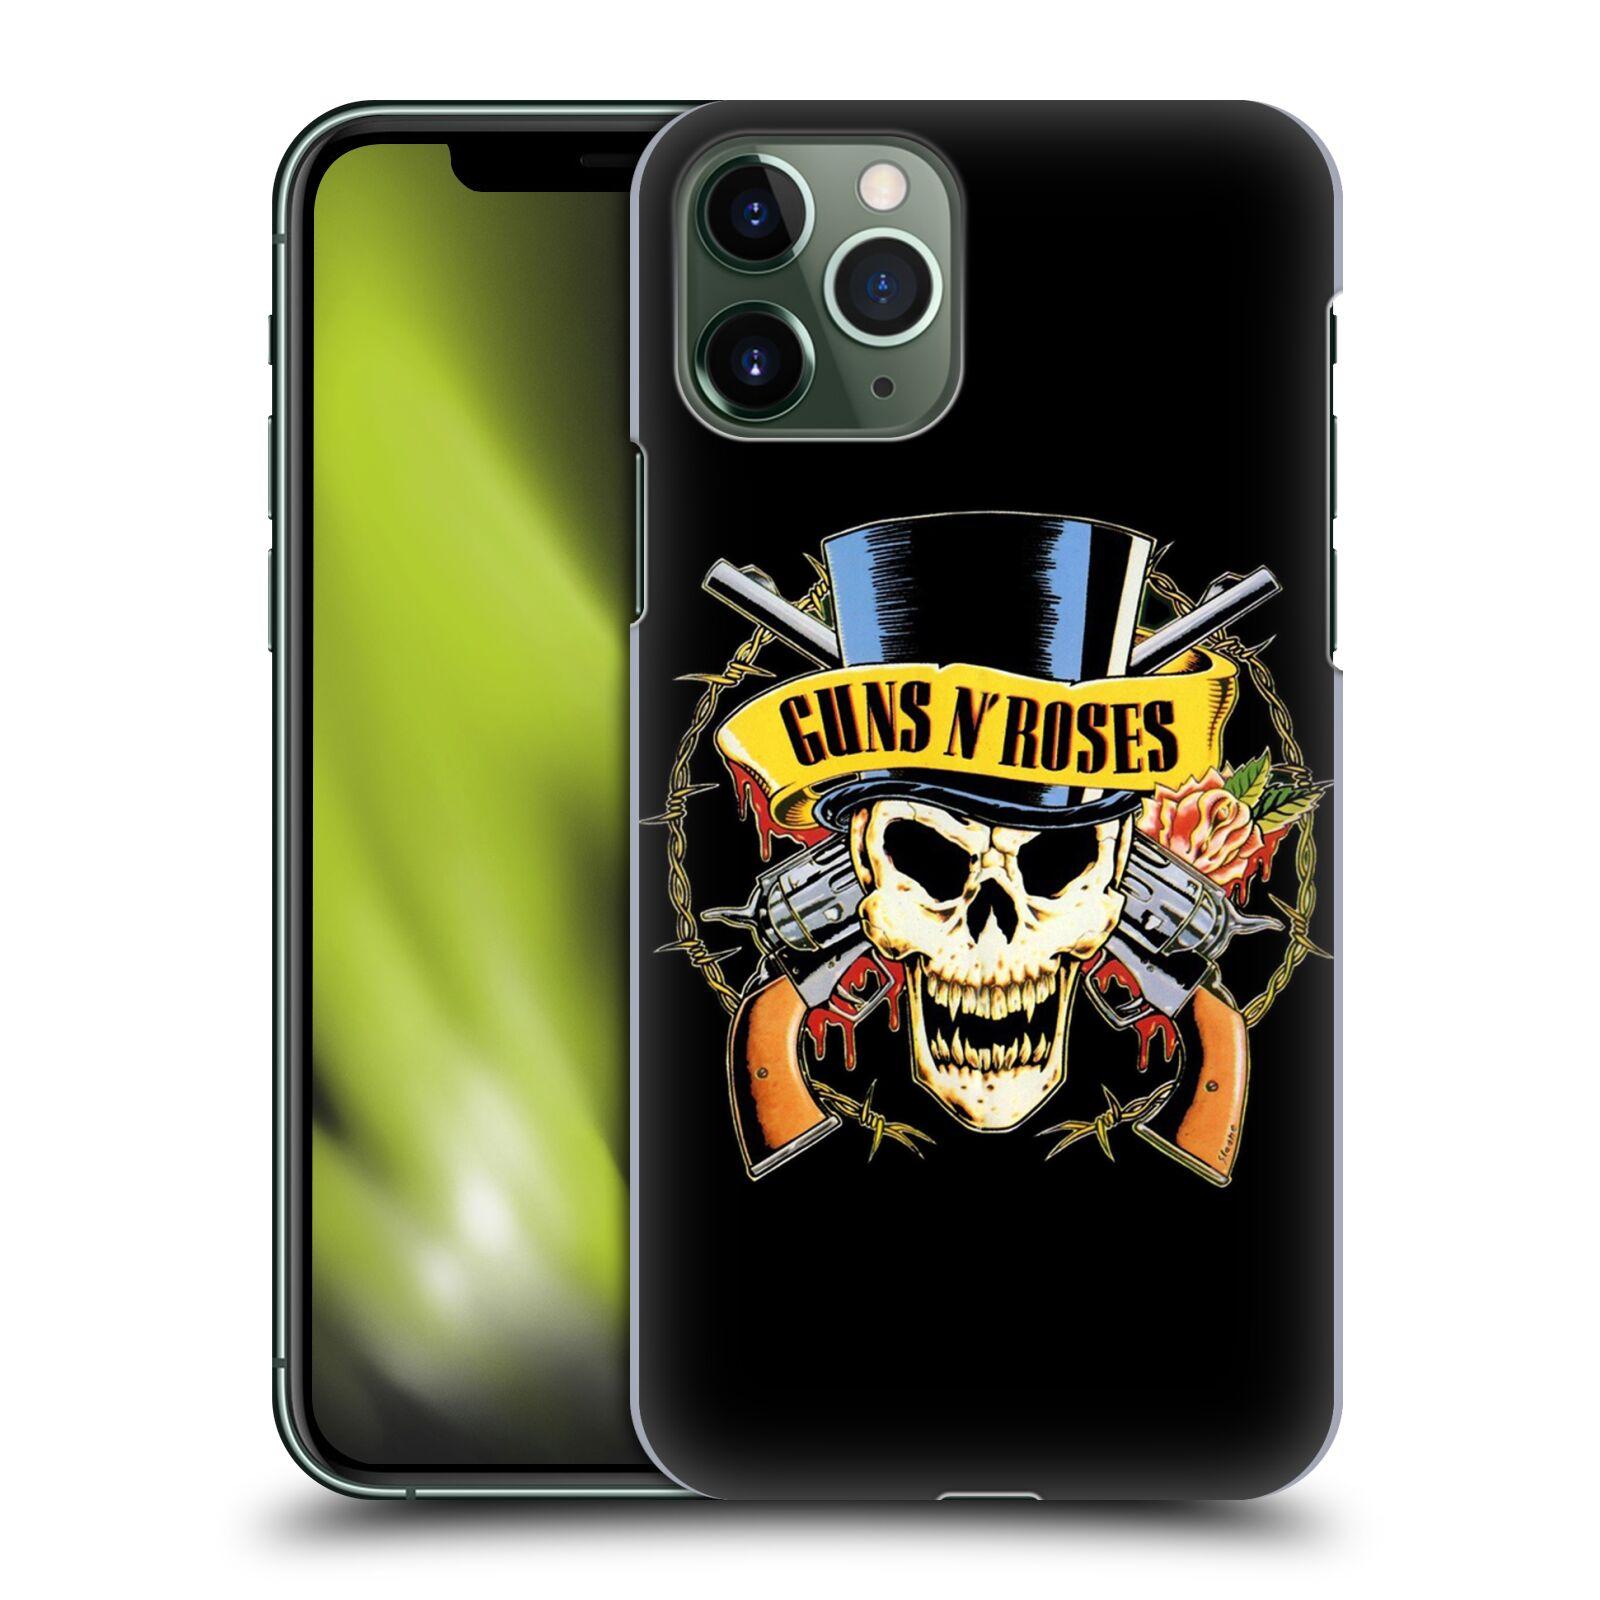 Plastové pouzdro na mobil Apple iPhone 11 Pro - Head Case - Guns N' Roses - Lebka